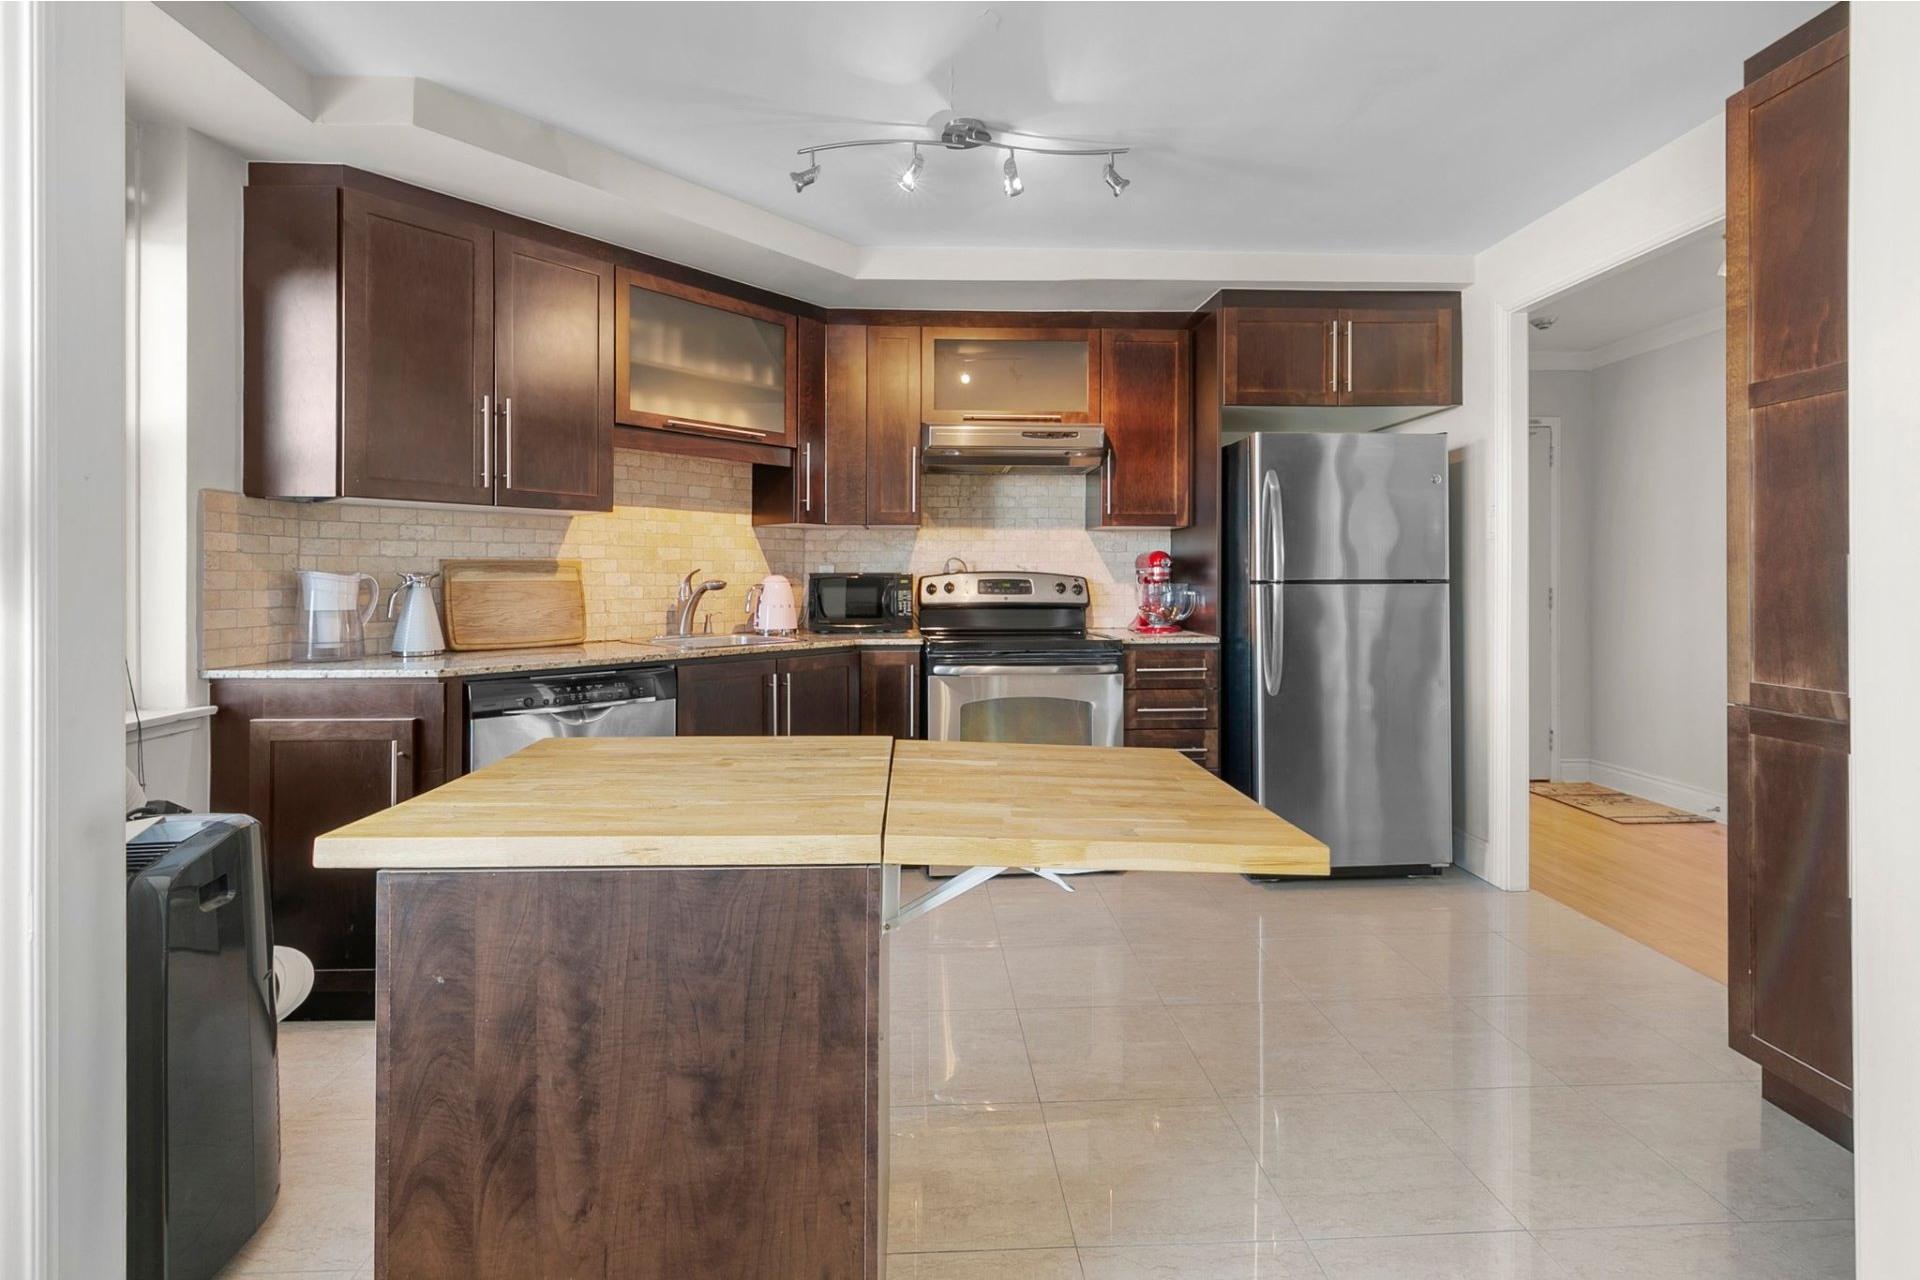 image 9 - Appartement À vendre Côte-des-Neiges/Notre-Dame-de-Grâce Montréal  - 4 pièces